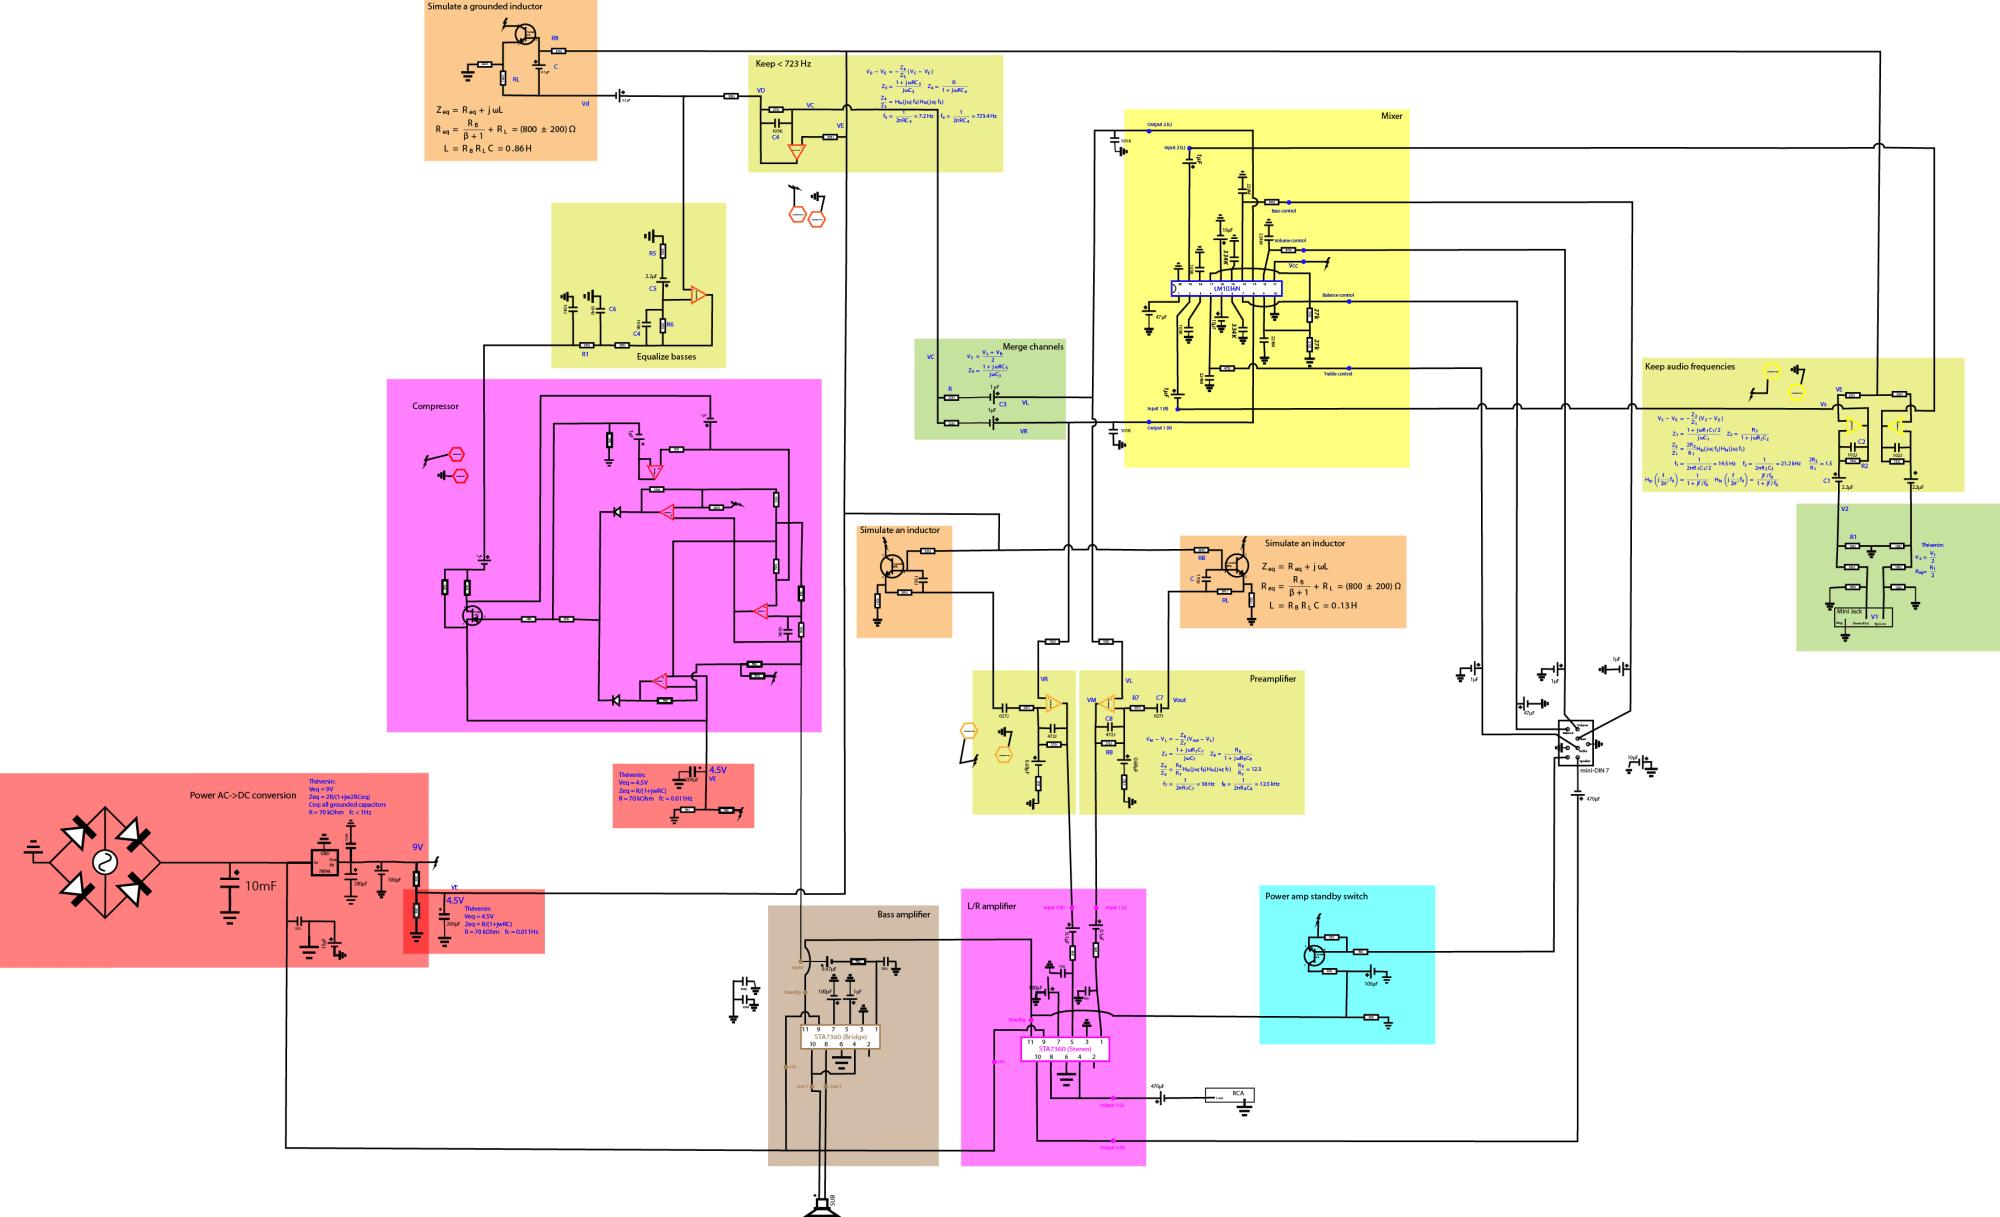 hight resolution of altec wiring diagram wiring diagrams scematic altec at235 wiring diagram altec lansing 7 wiring diagram